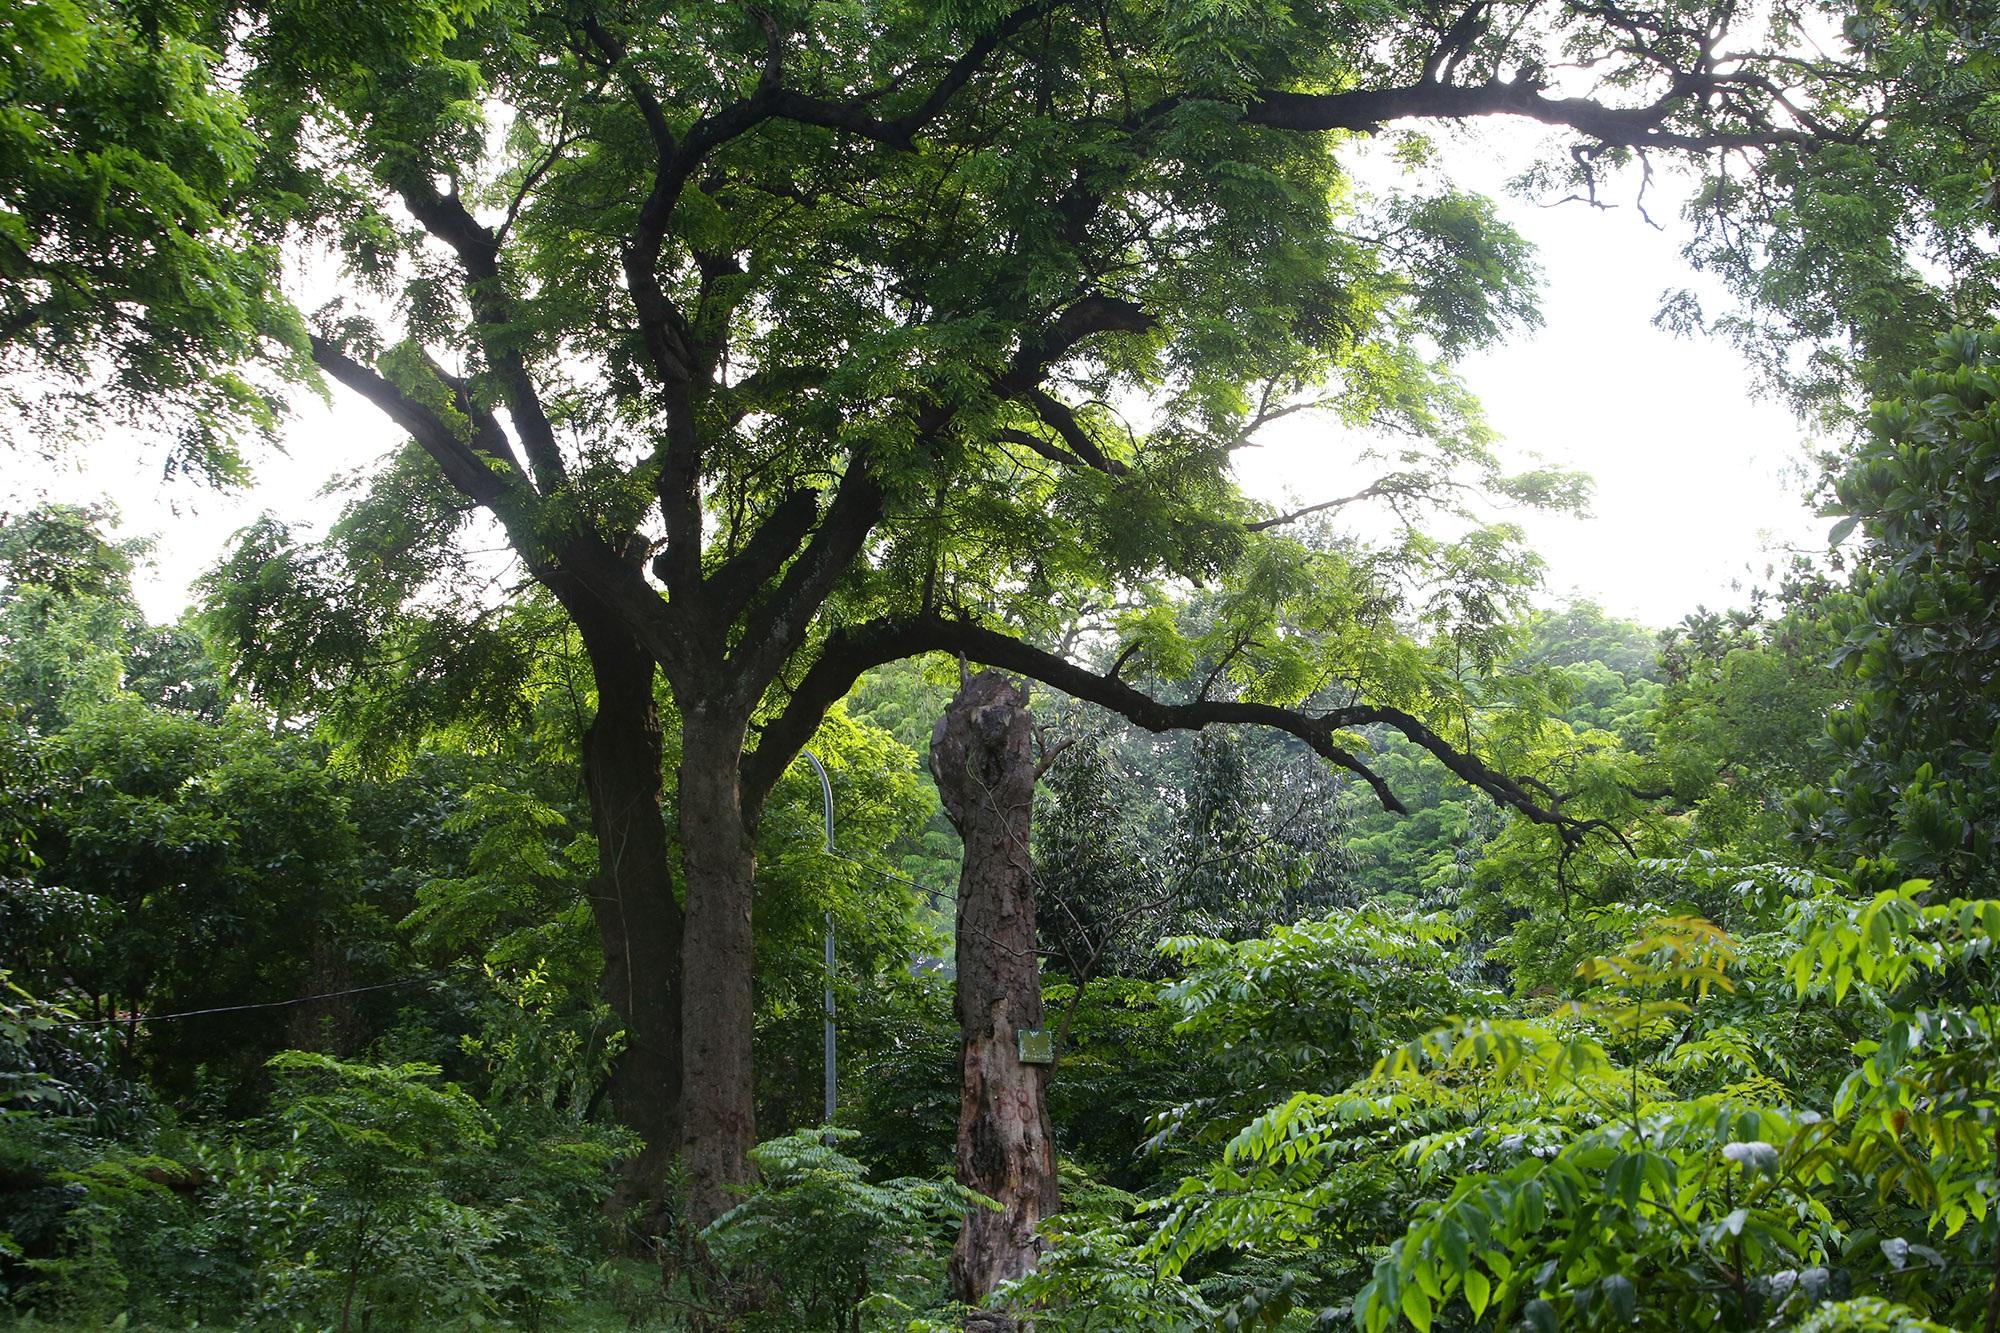 Rừng lim xanh cổ thụ hơn nghìn năm tuổi ngay tại Hà Nội - 7